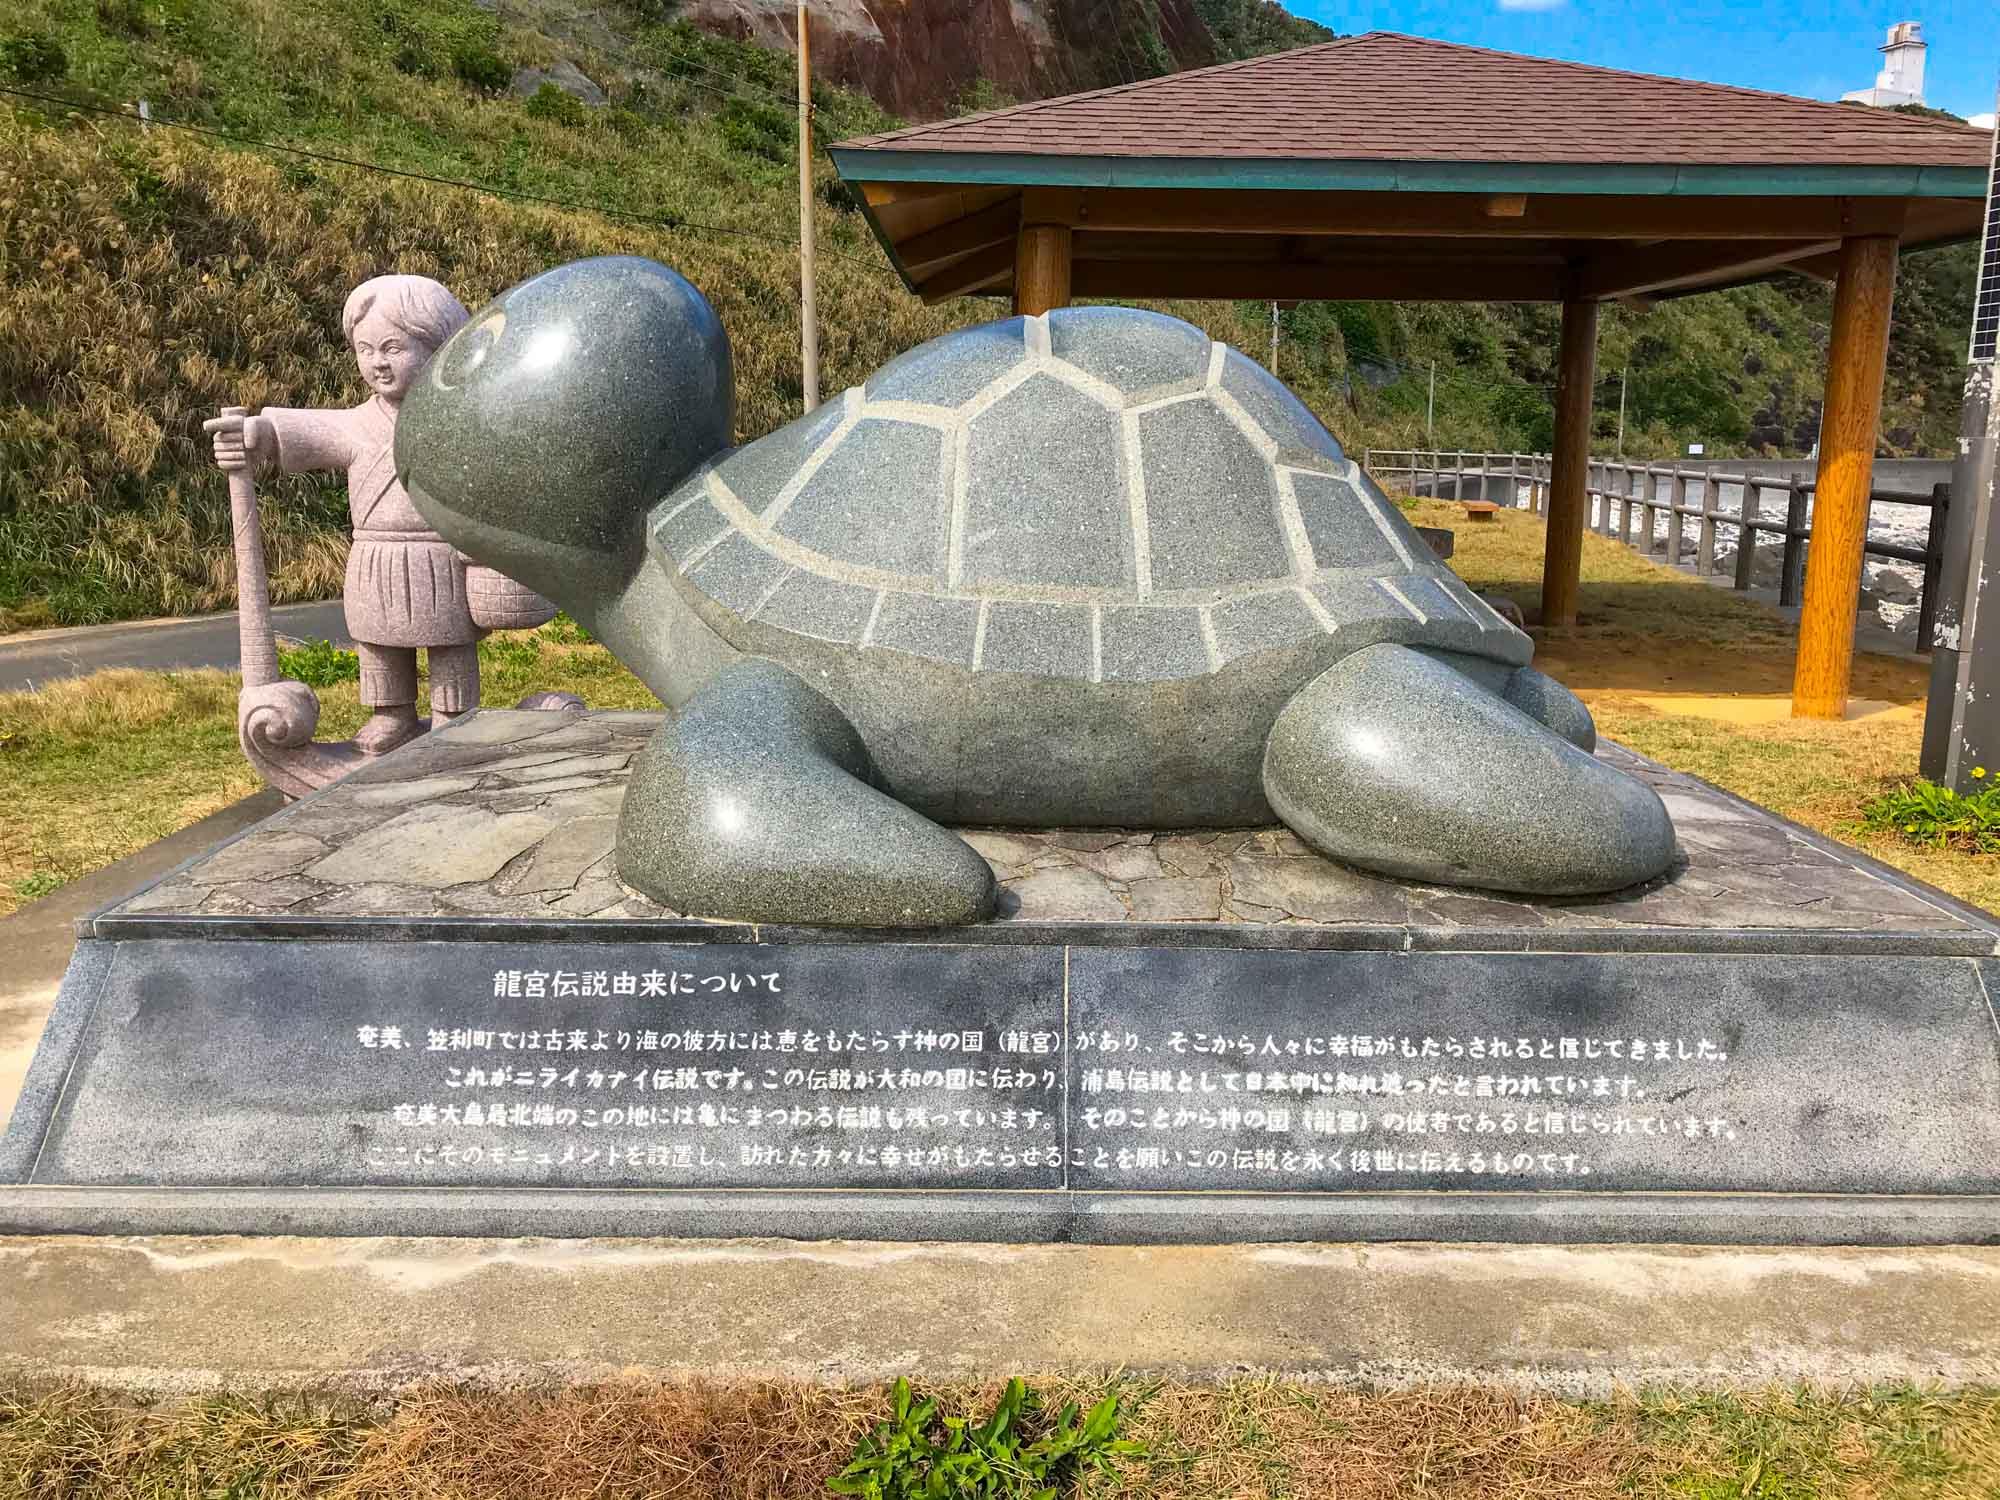 夢をかなえるカメさん Machiiro 記事写真 3